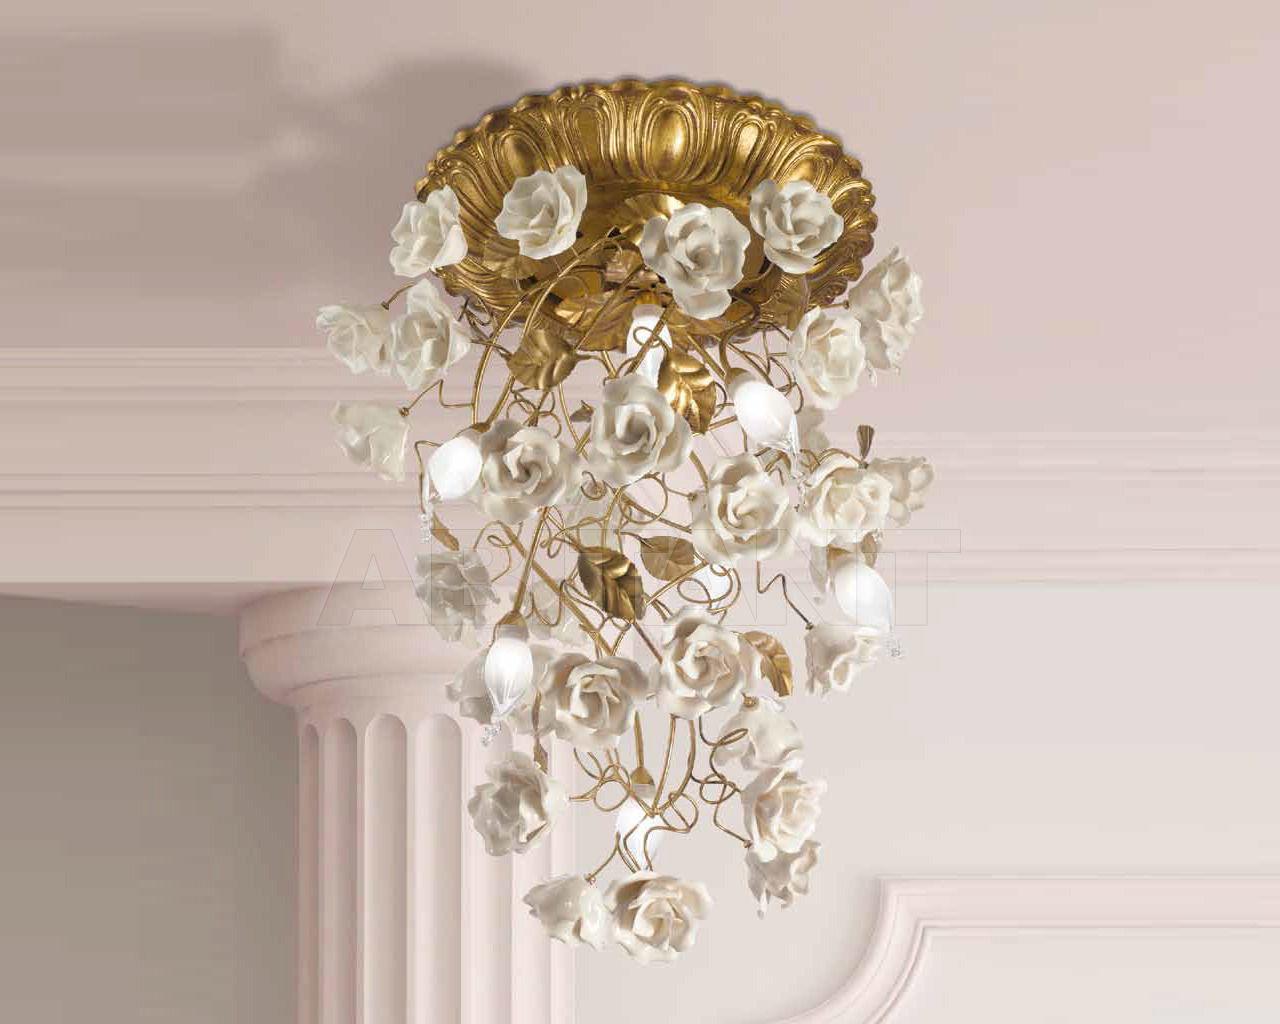 Купить Люстра Lynh Stil Lux Luce In Prima 11800/PLF50